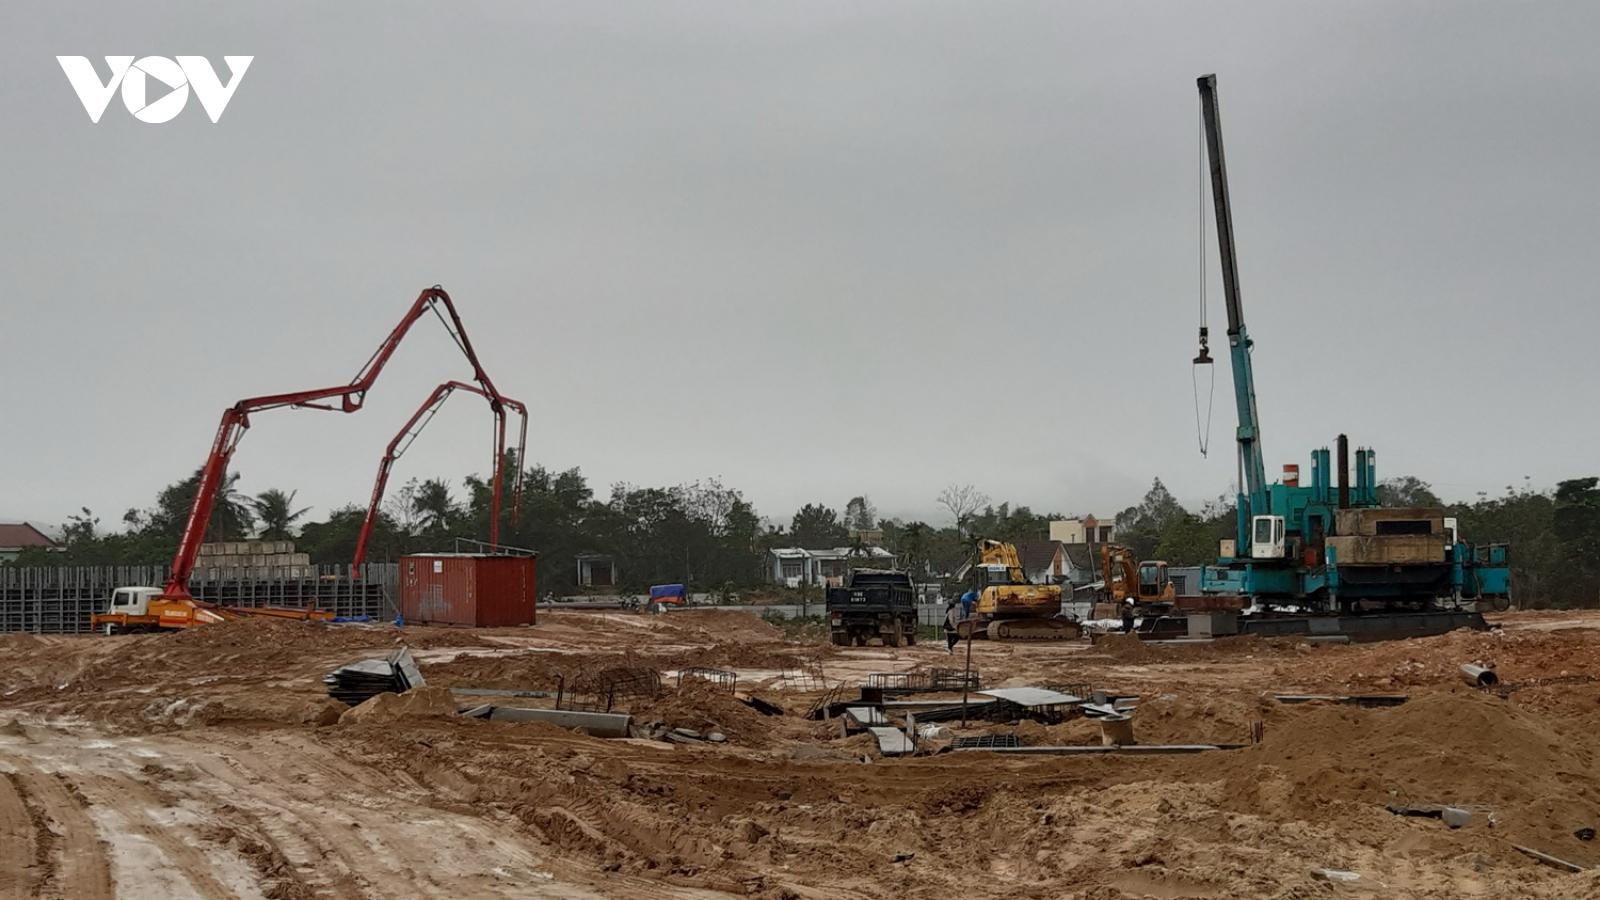 Chấm dứt hợp đồng và từ chối với nhà thầu thi công chậm tiến độ